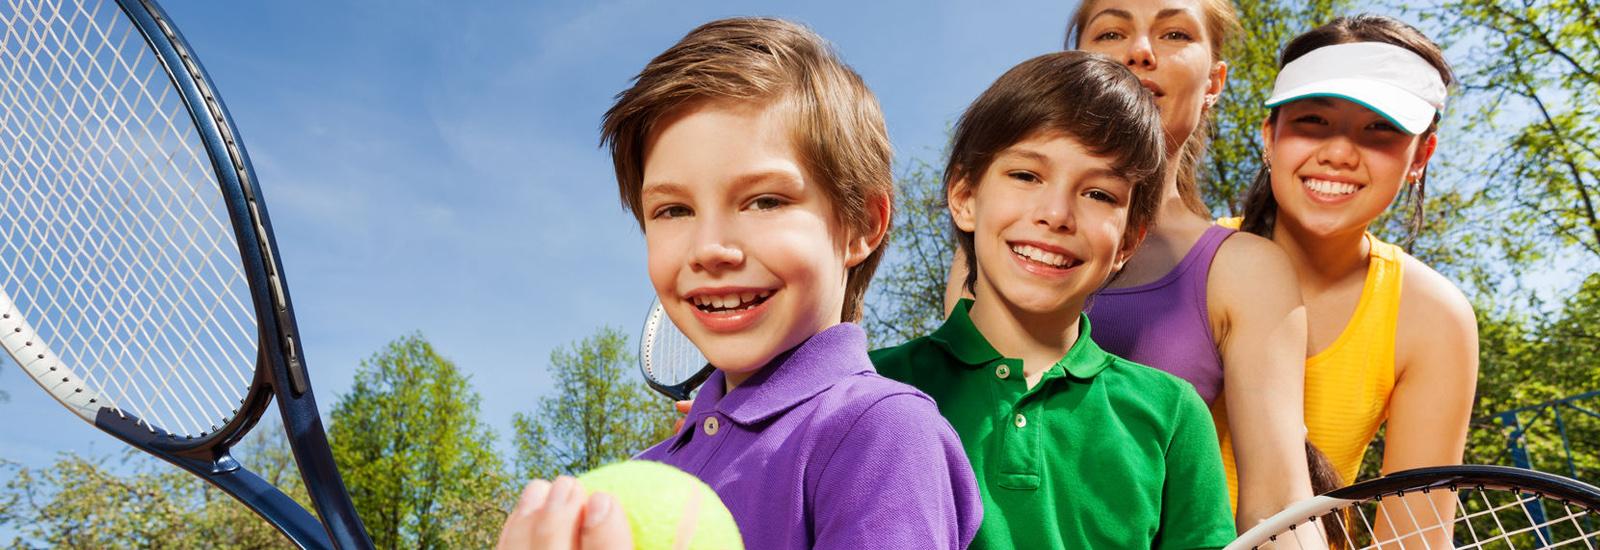 Serwis rakiet, półkolonie oraz obozy tenisowe, urodziny dla dzieci.